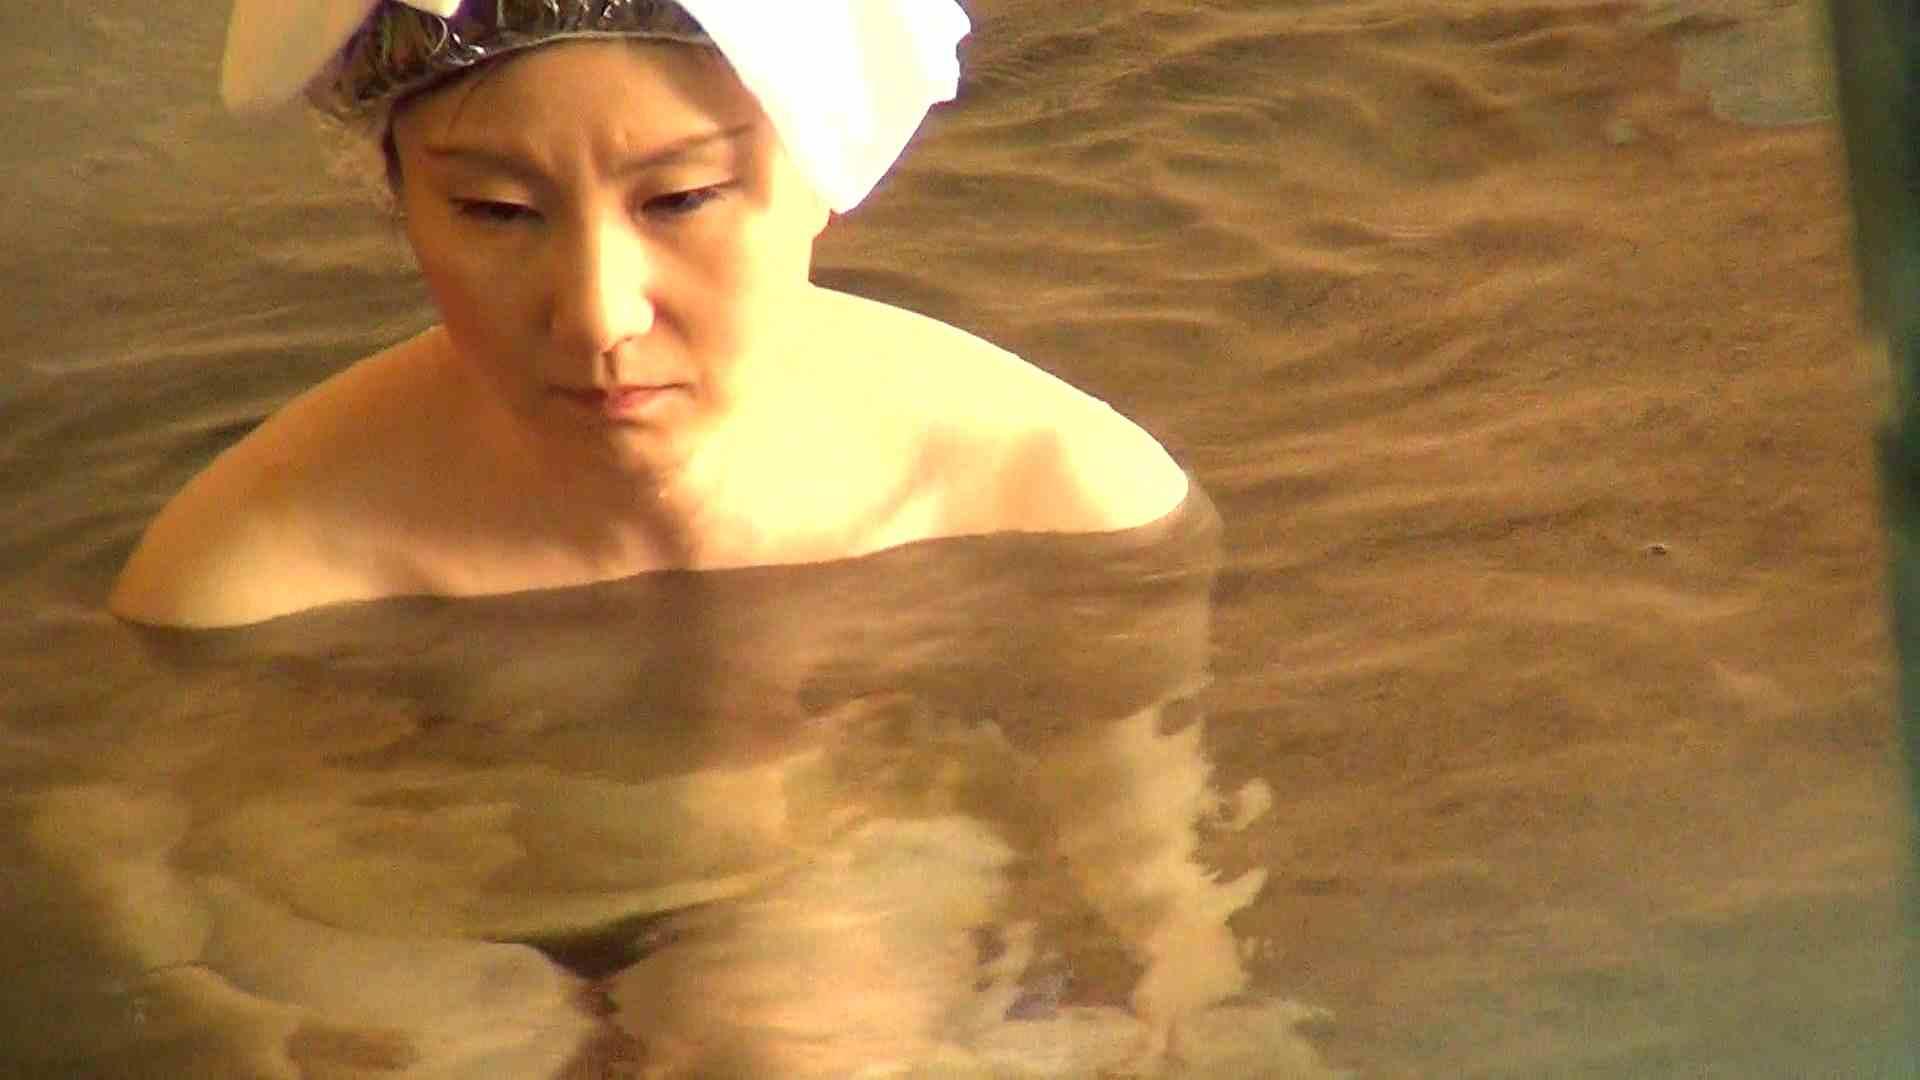 Aquaな露天風呂Vol.278 盗撮  100画像 48